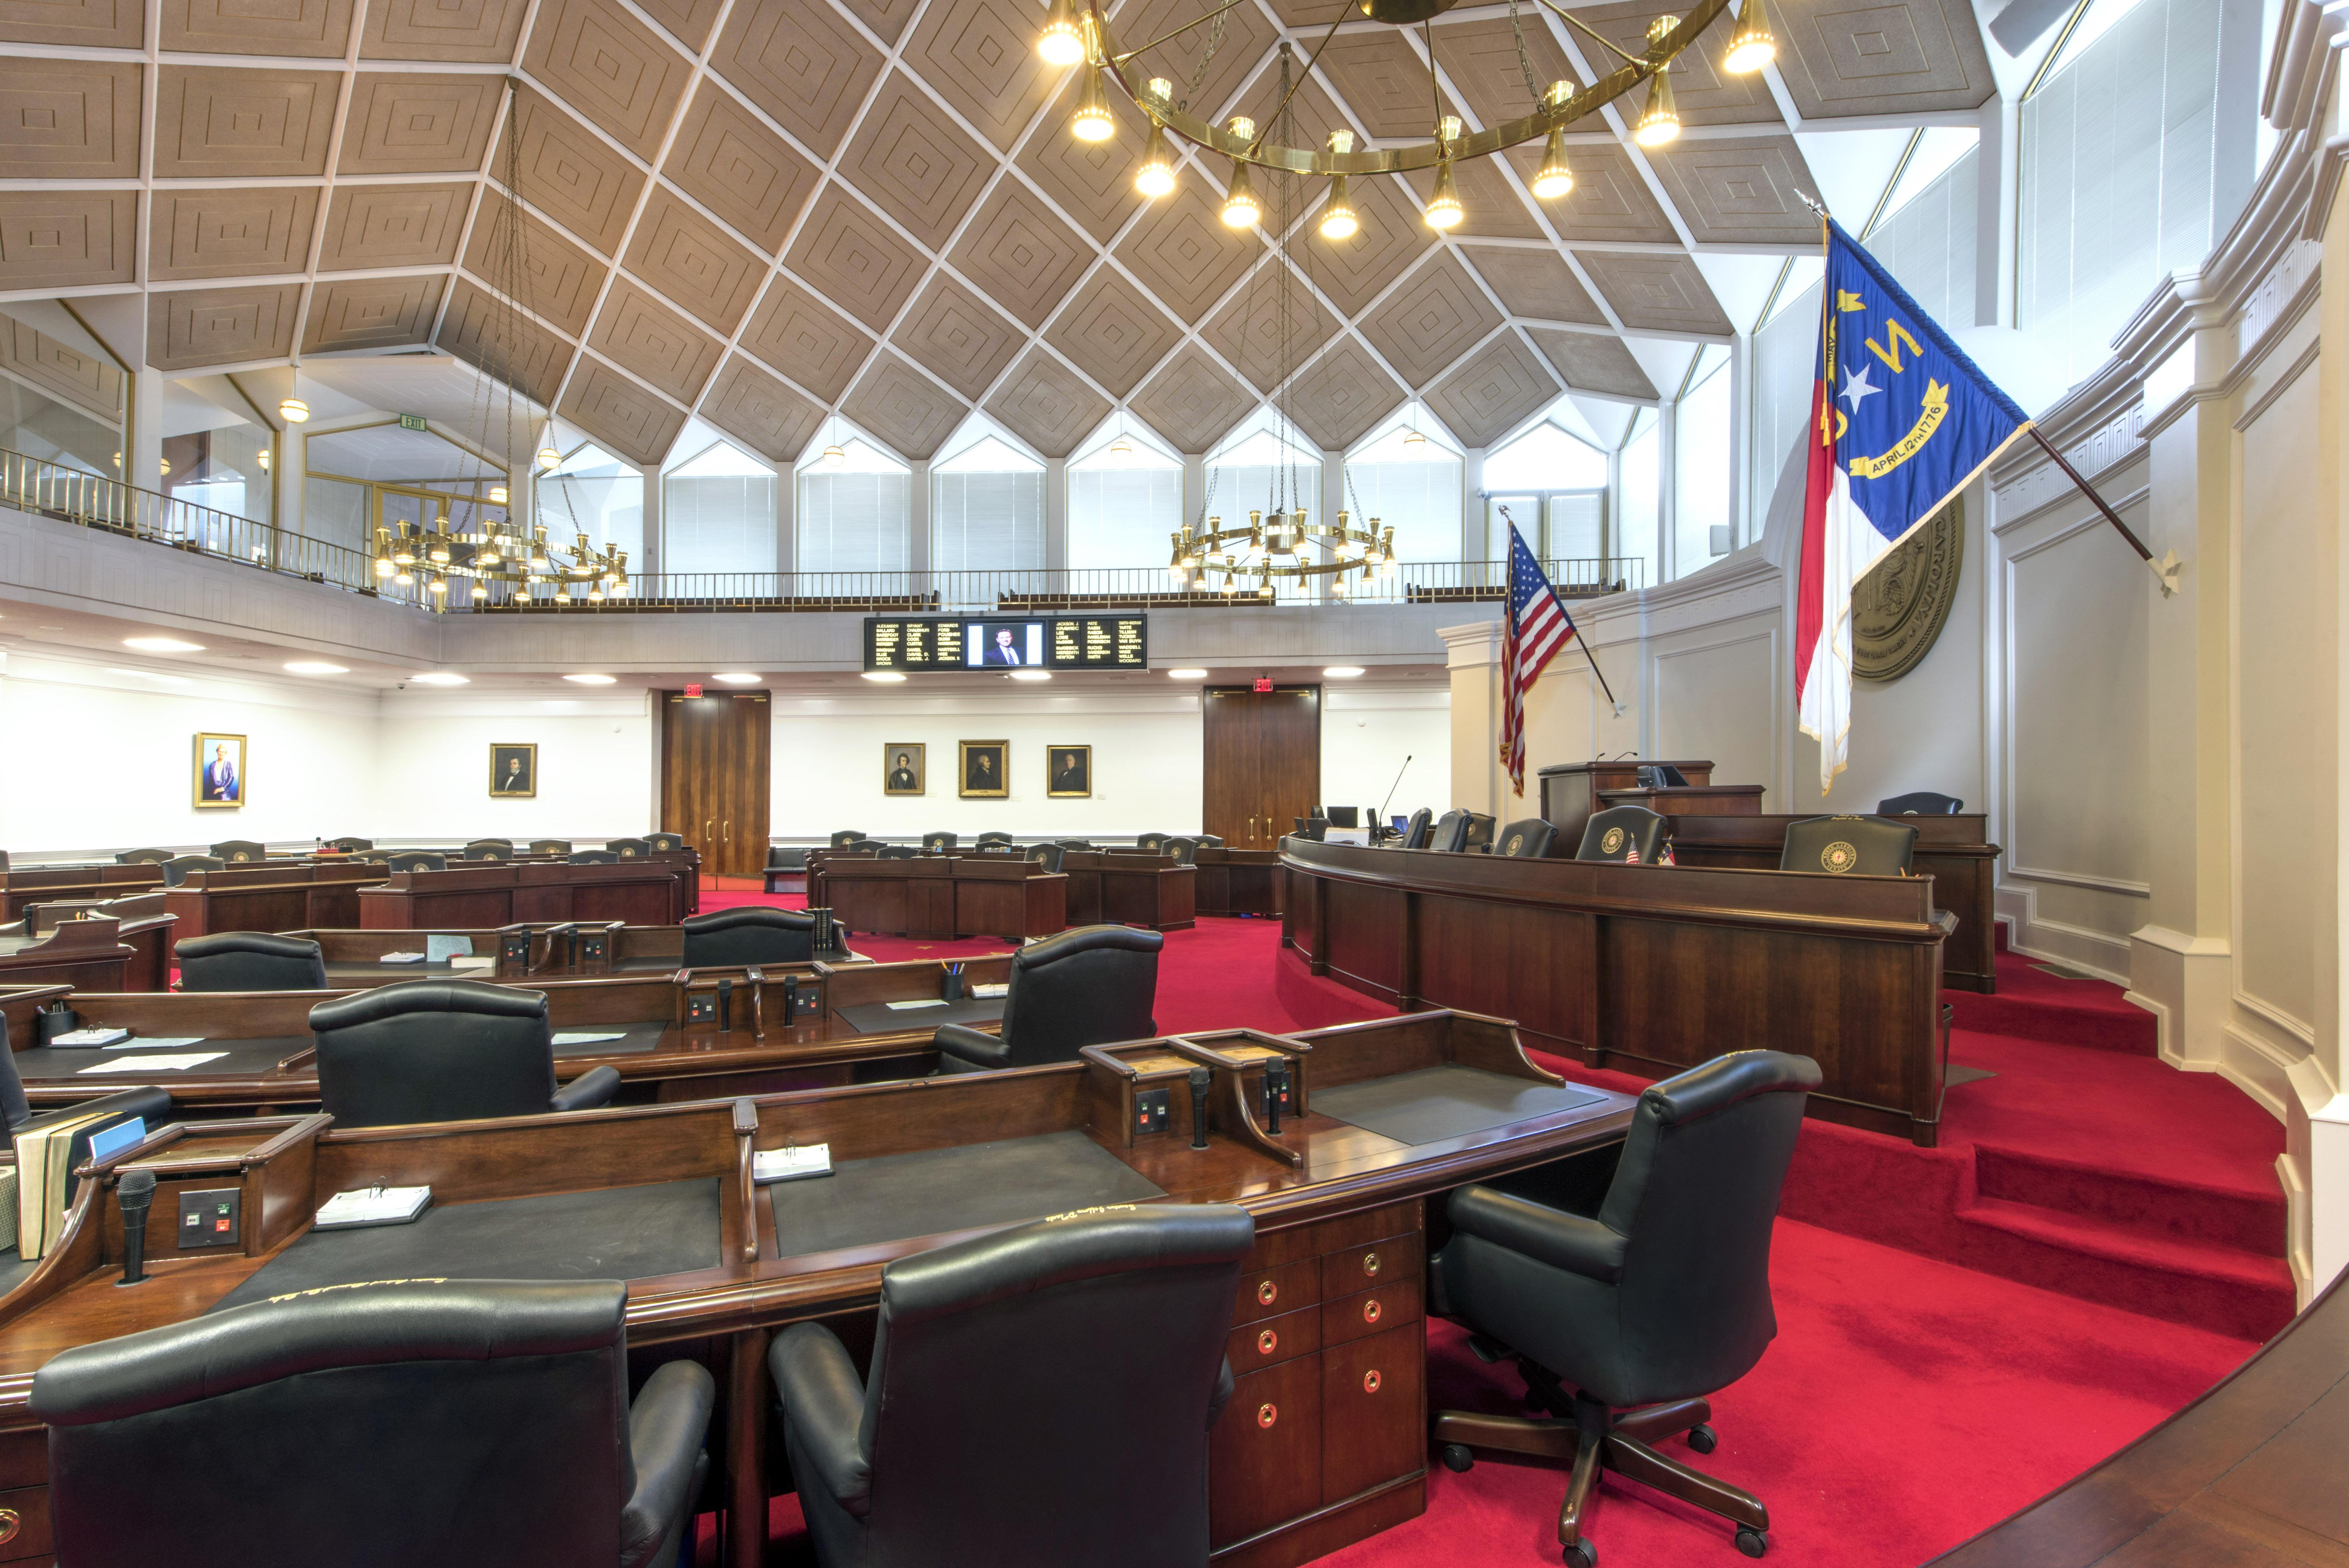 Senate_Chamber_photo-16-1212-011.jpg